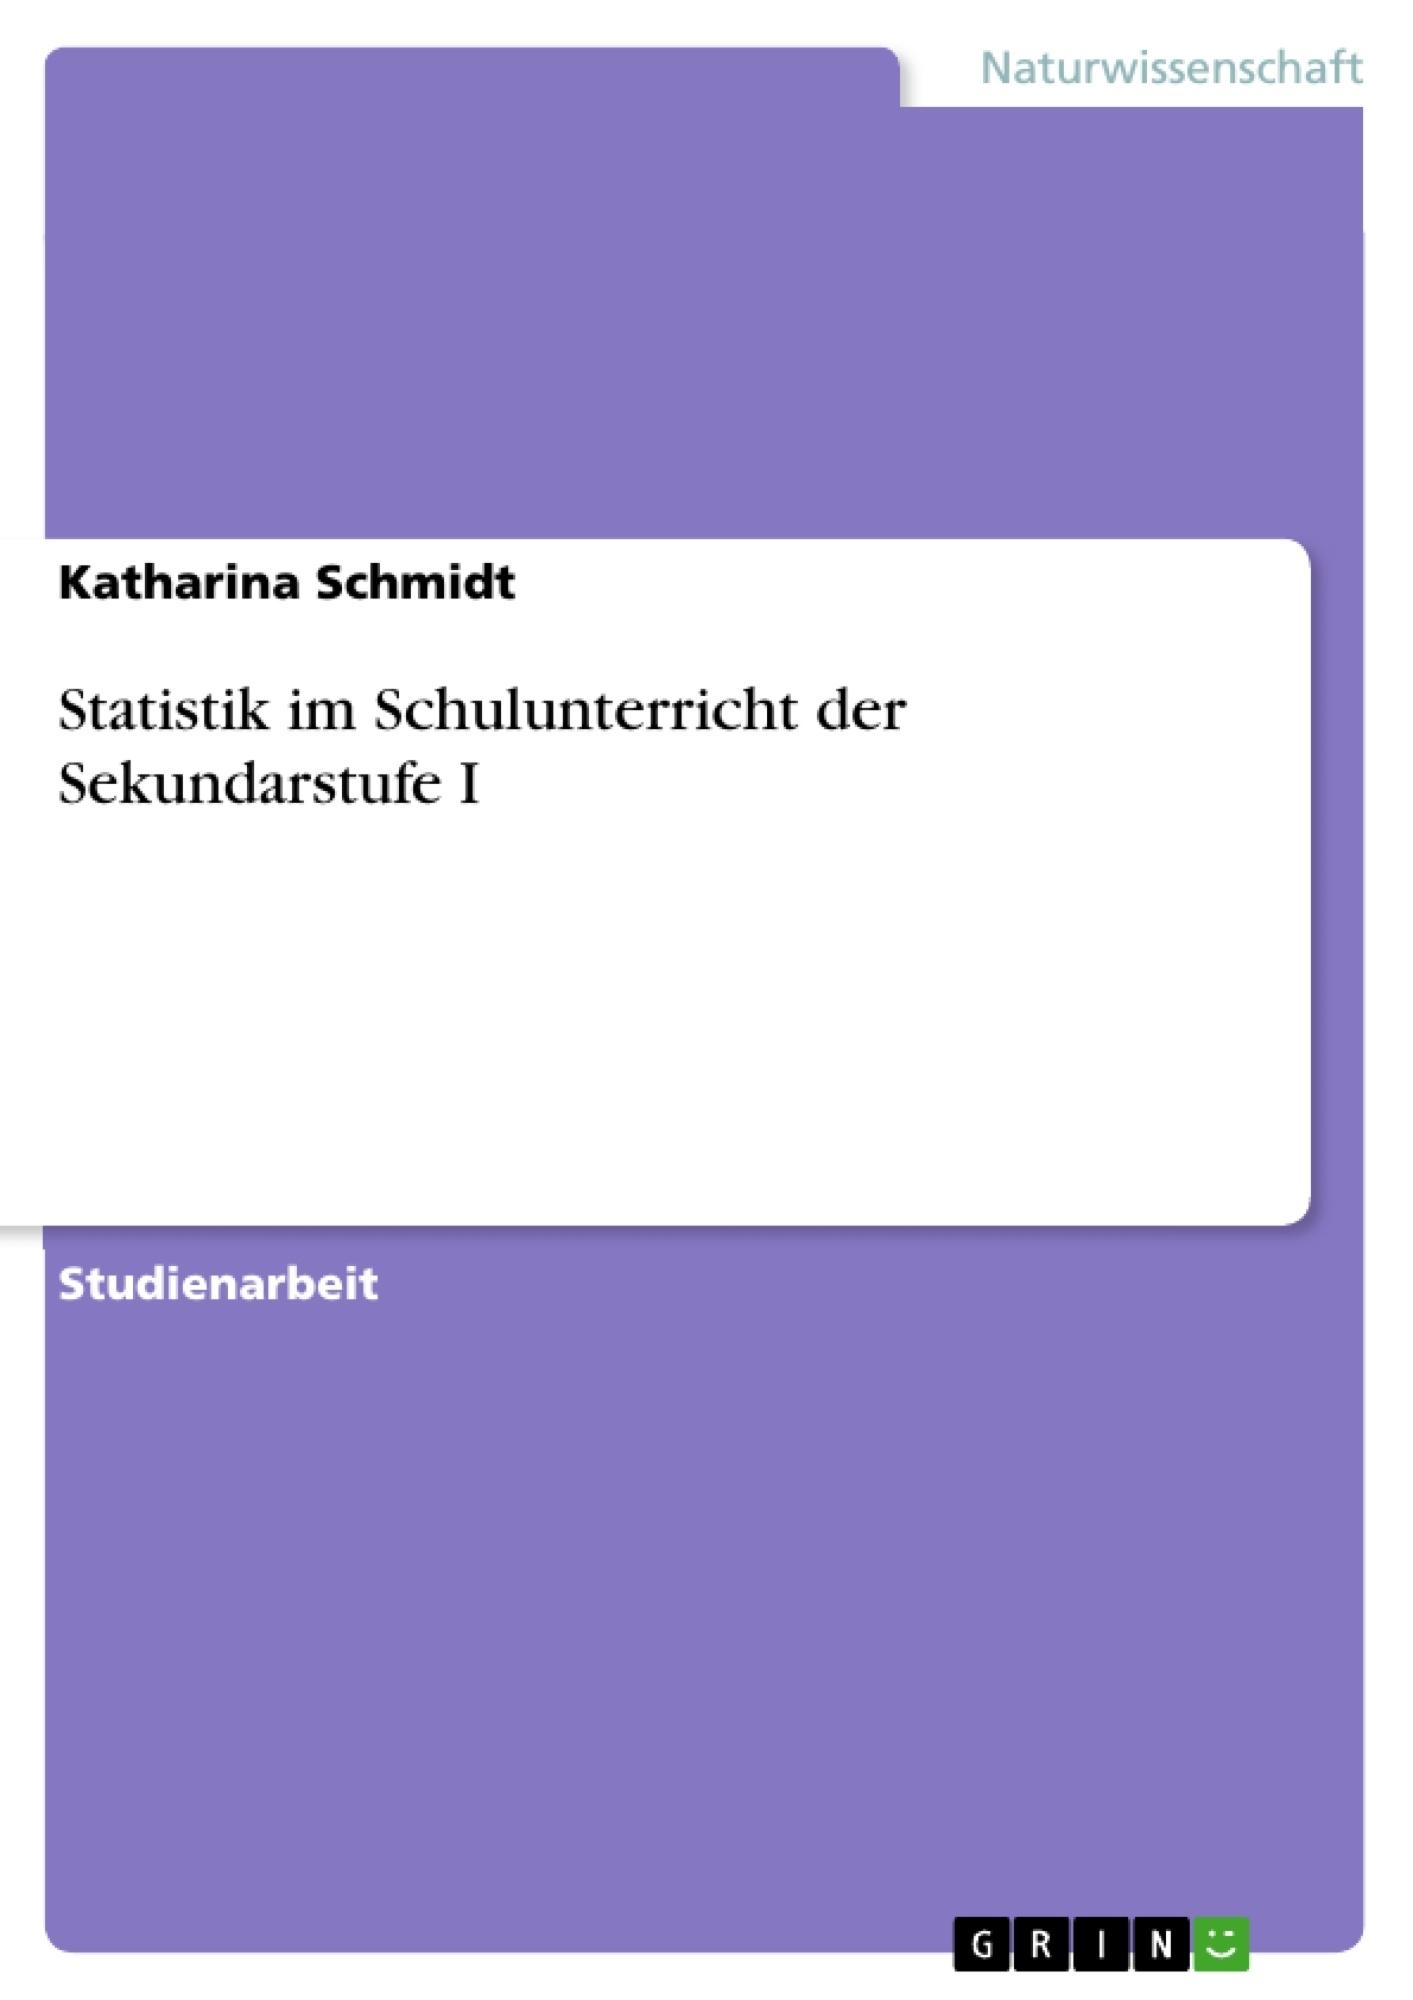 Titel: Statistik im Schulunterricht der Sekundarstufe I